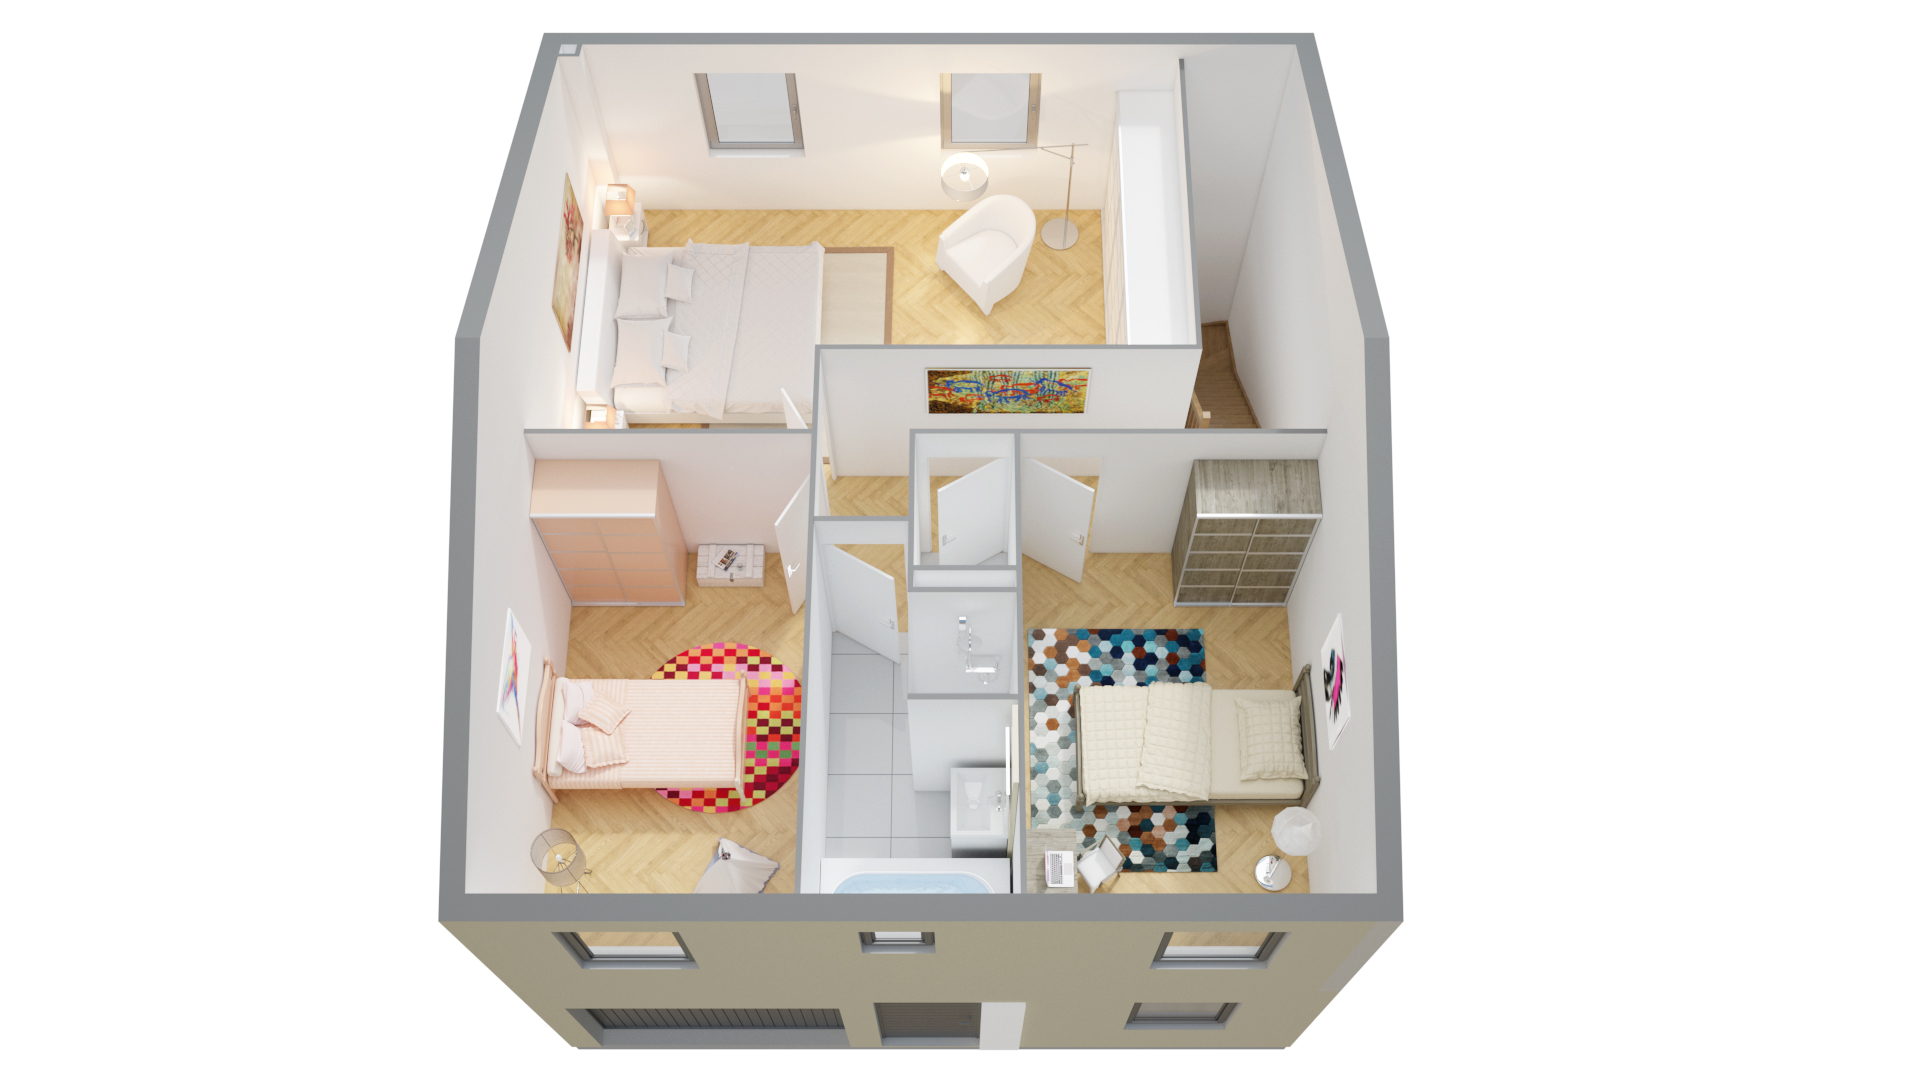 Plan de maison un etage avec garage ventana blog - Plan maison 3 chambres etage ...